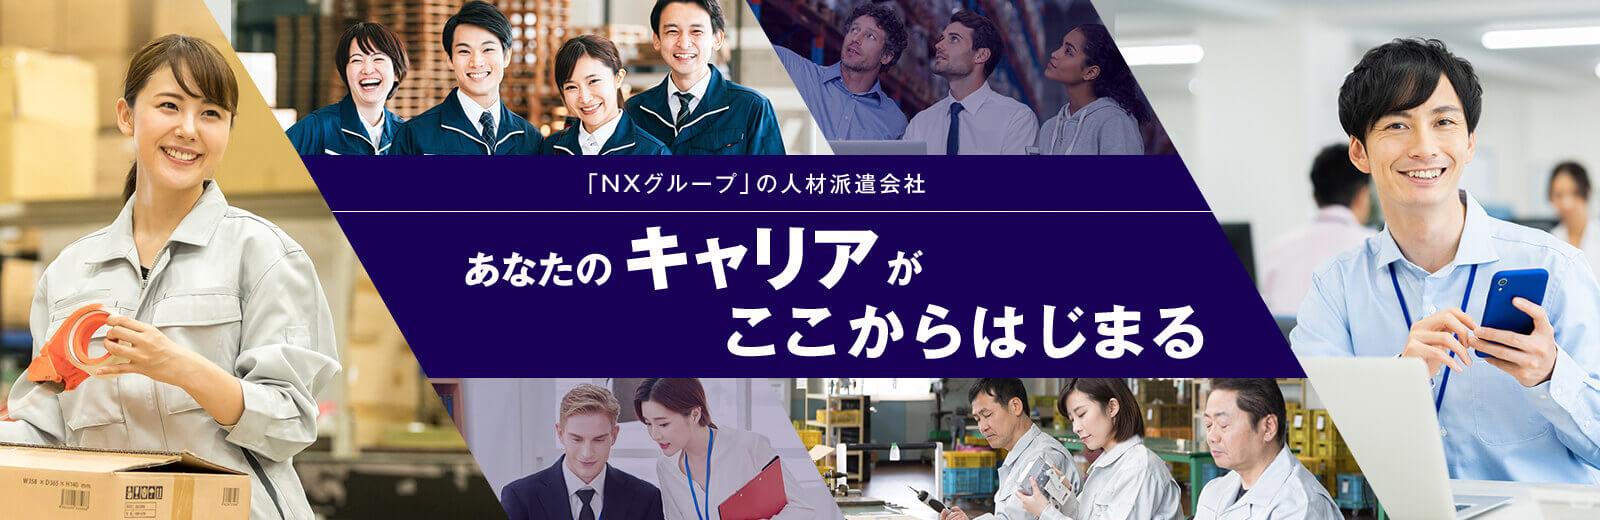 物流業界最大手・「日本通運」グループの人材派遣会社 - あなたのキャリアがここからはじまる